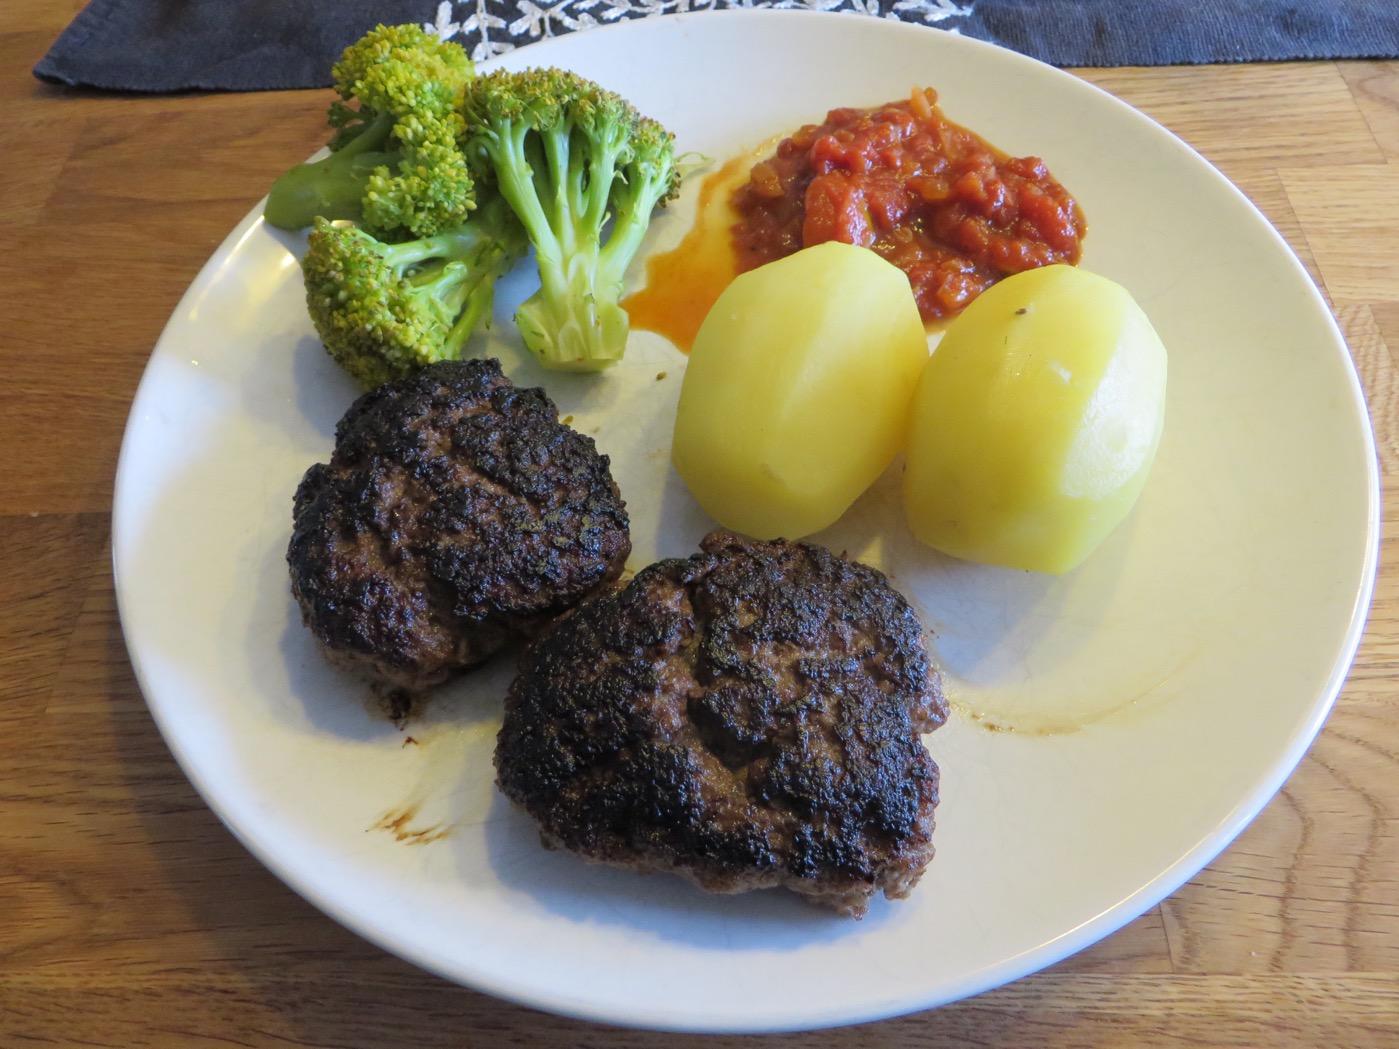 Köttfärsbiffar med potatis, tomatsås och broccoli - en vardagsfavorit!